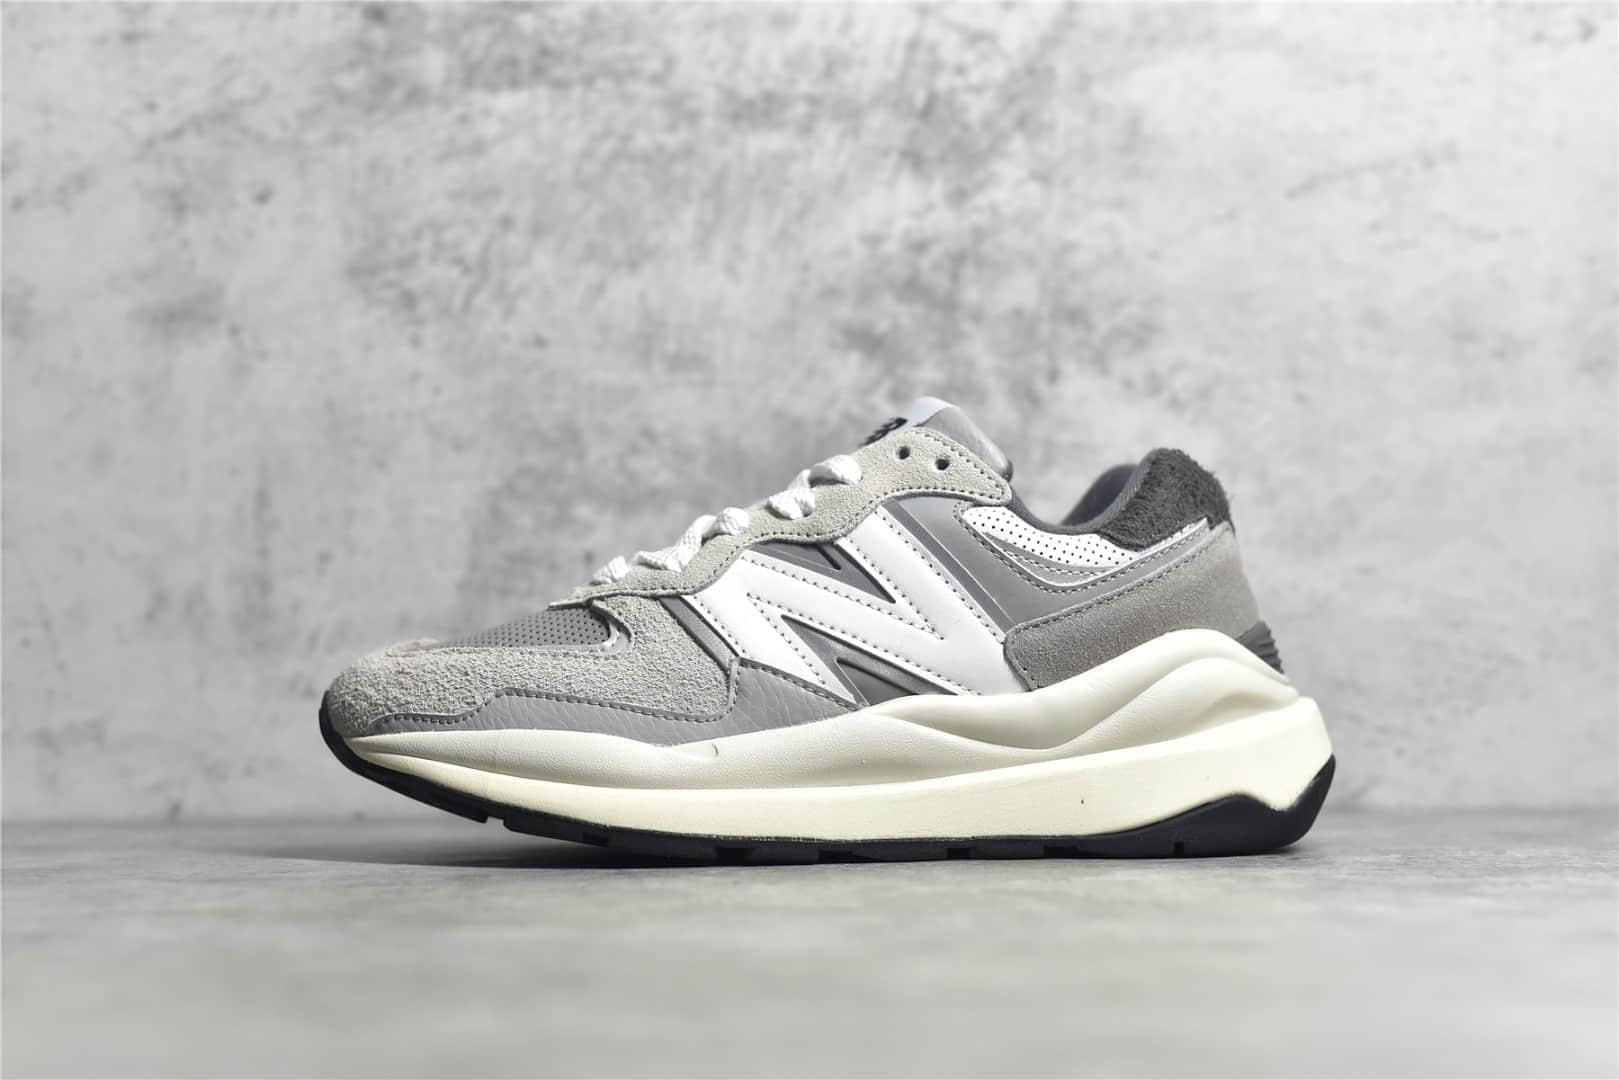 新百伦NBM5740雾灰色 New Balance M5740 新百伦M5740灰白色跑鞋 新百伦猪八麂皮拼接跑鞋 货号:M5740CA-潮流者之家